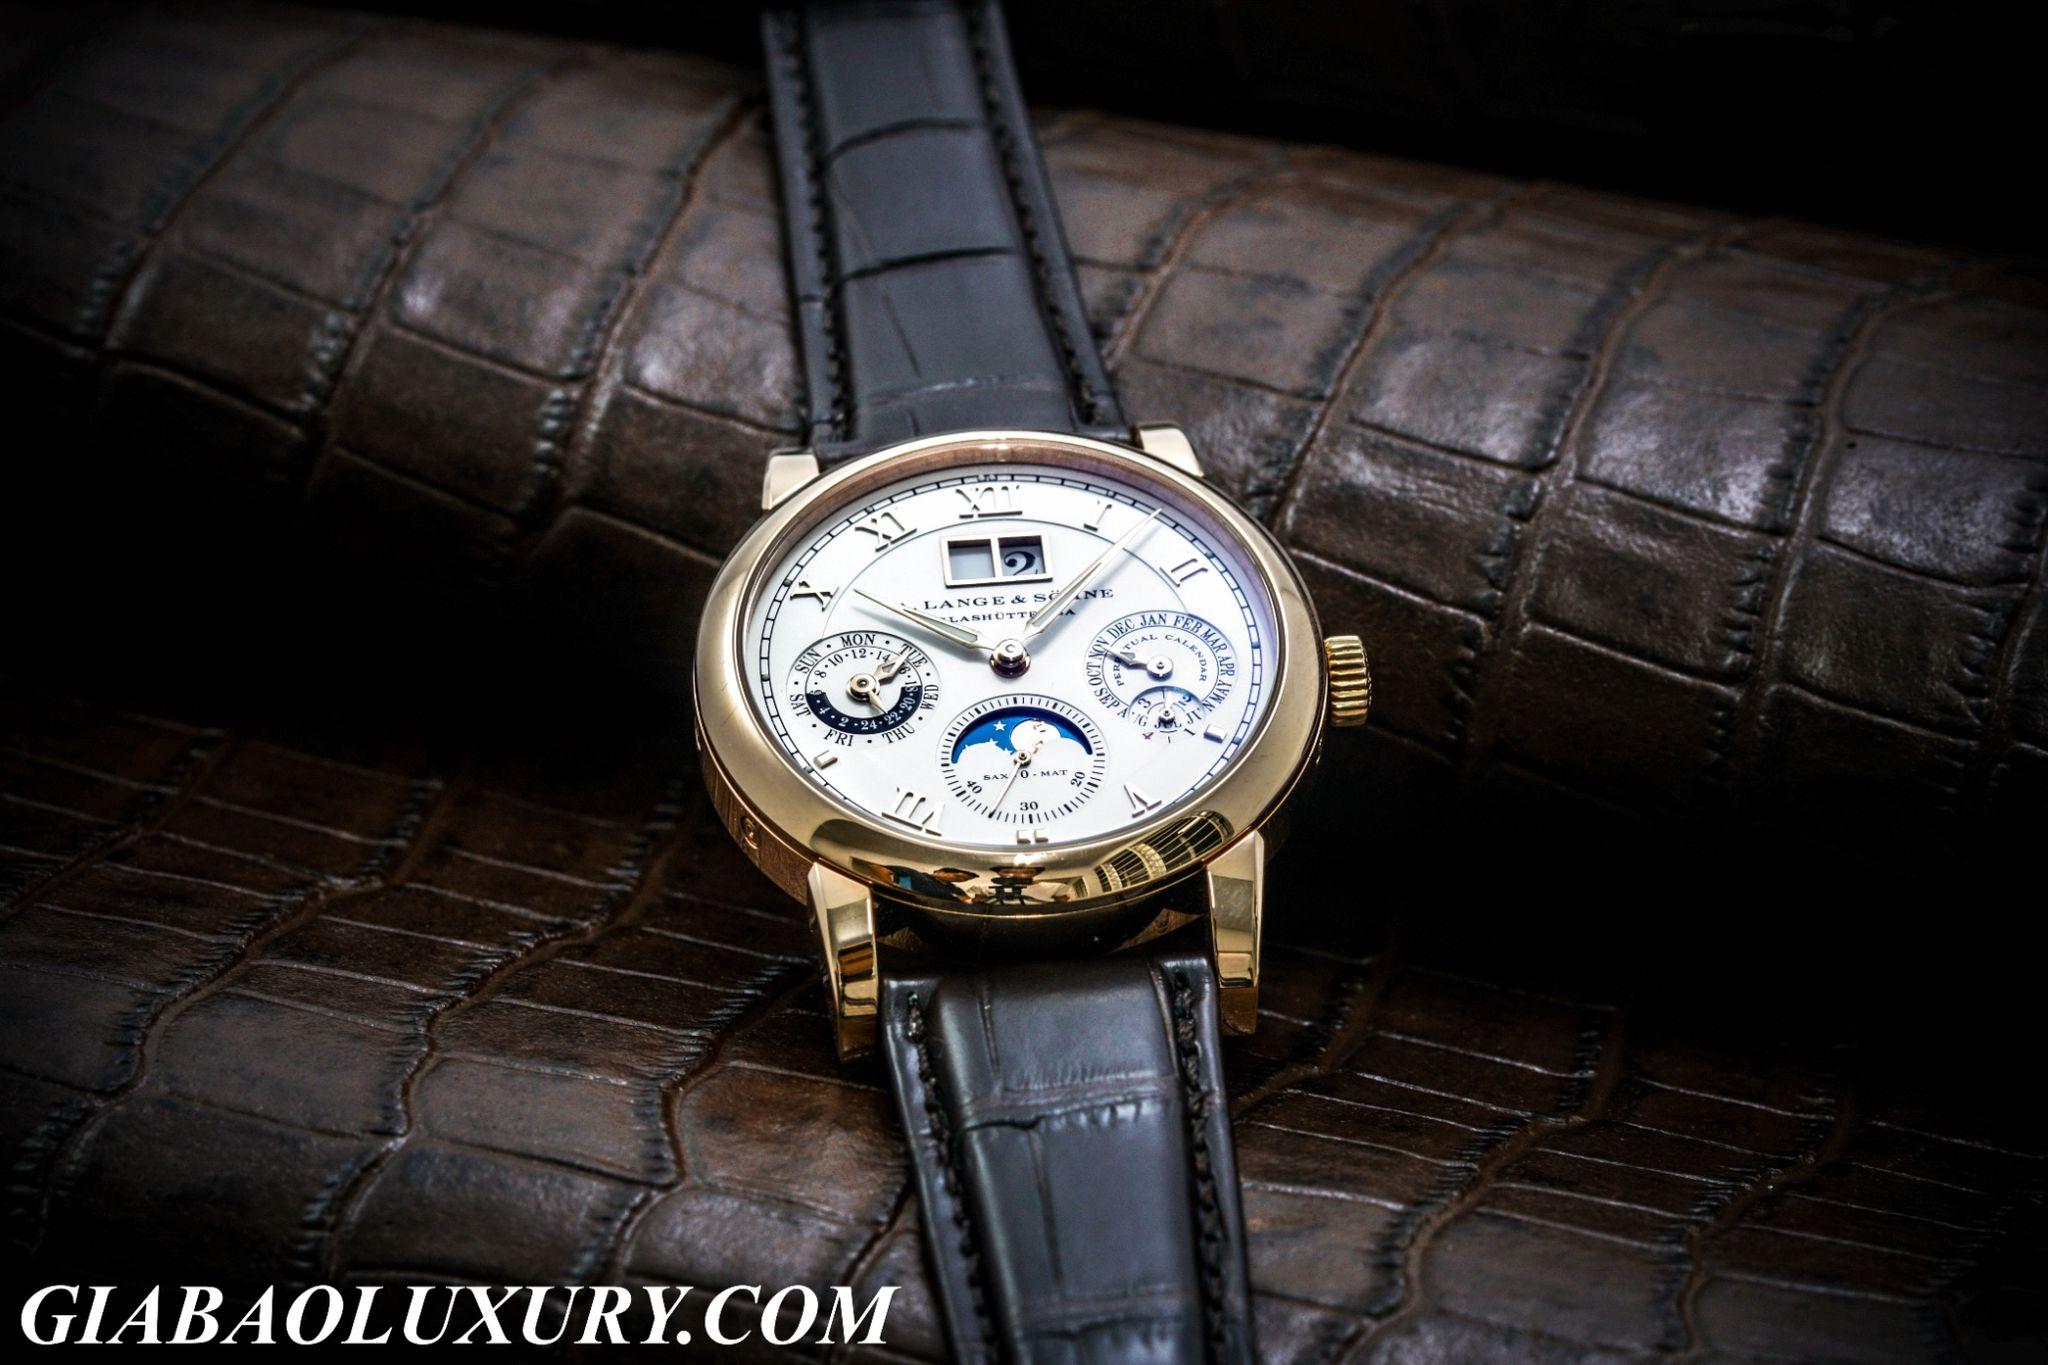 Đồng hồ A. Lange & Sohne Langematik Perpetual